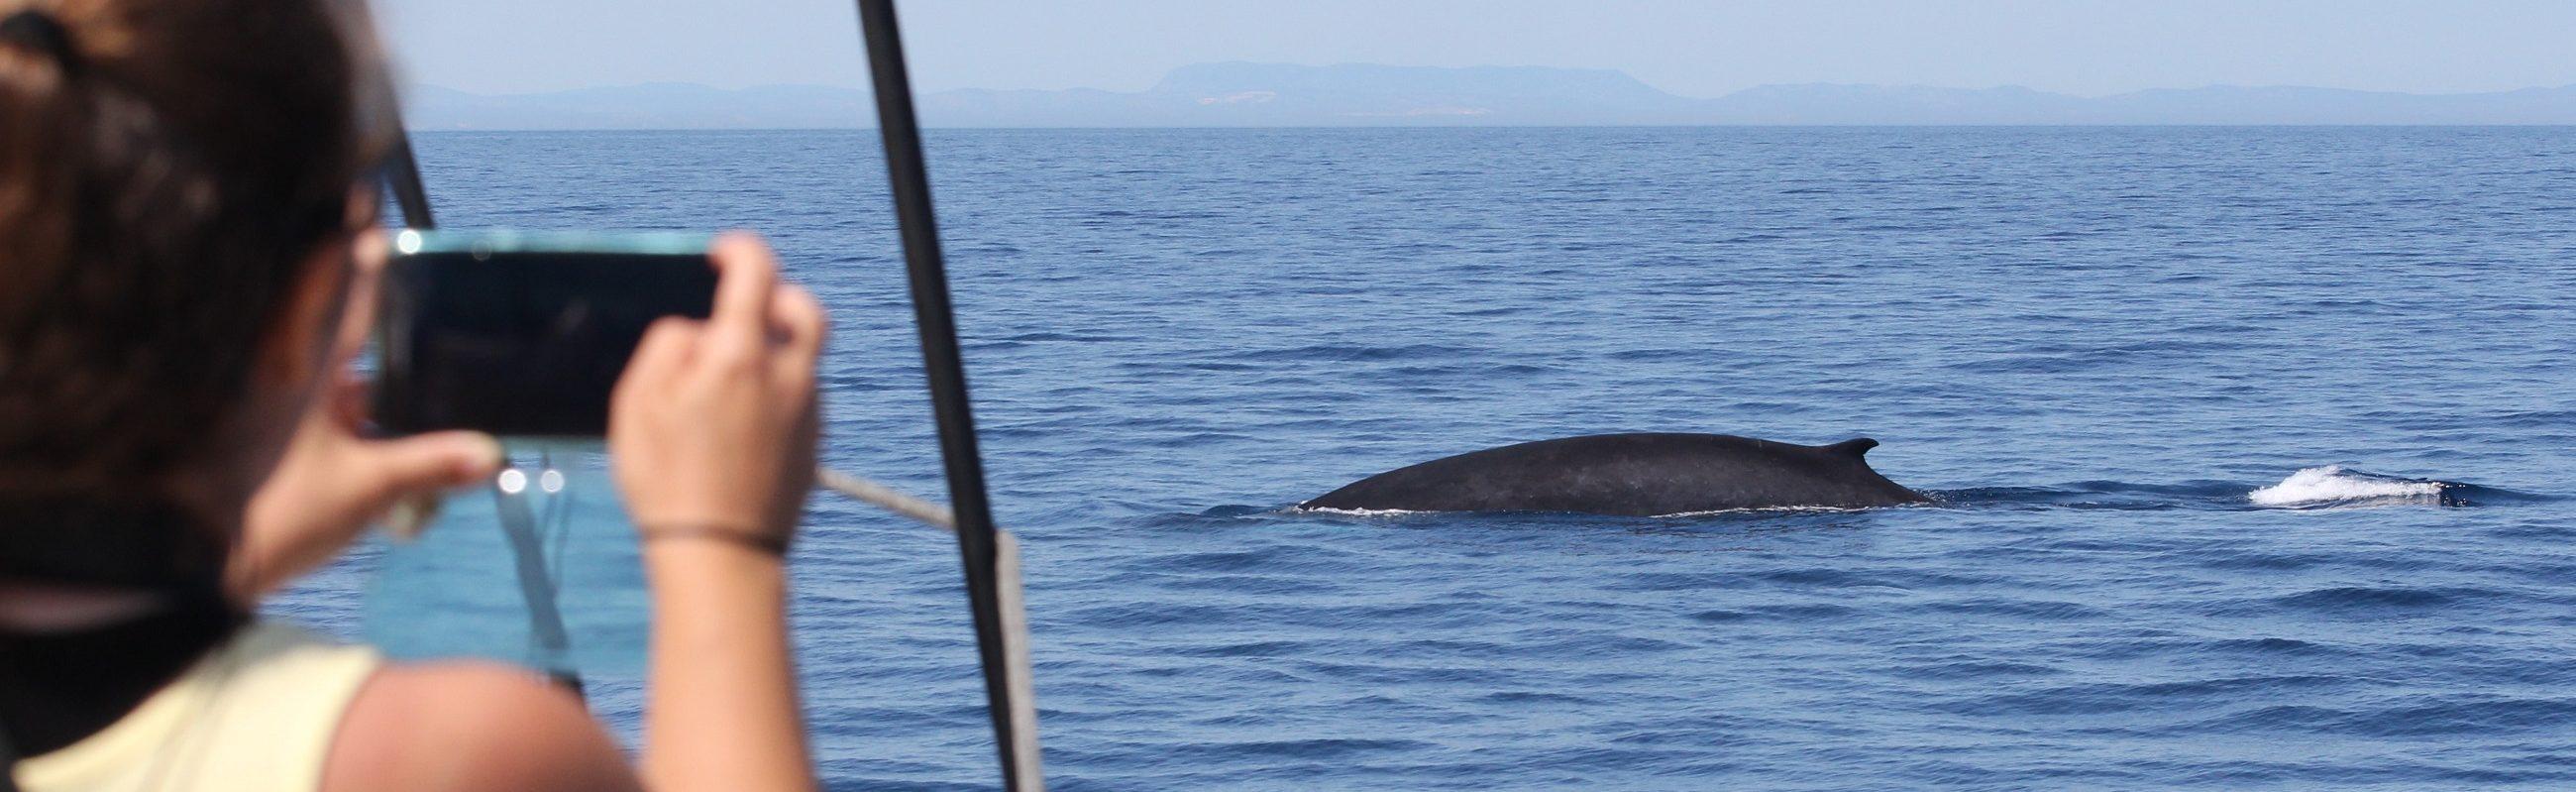 catamaran navivoile croisière observation baleines et dauphins au départ de canet en roussillon